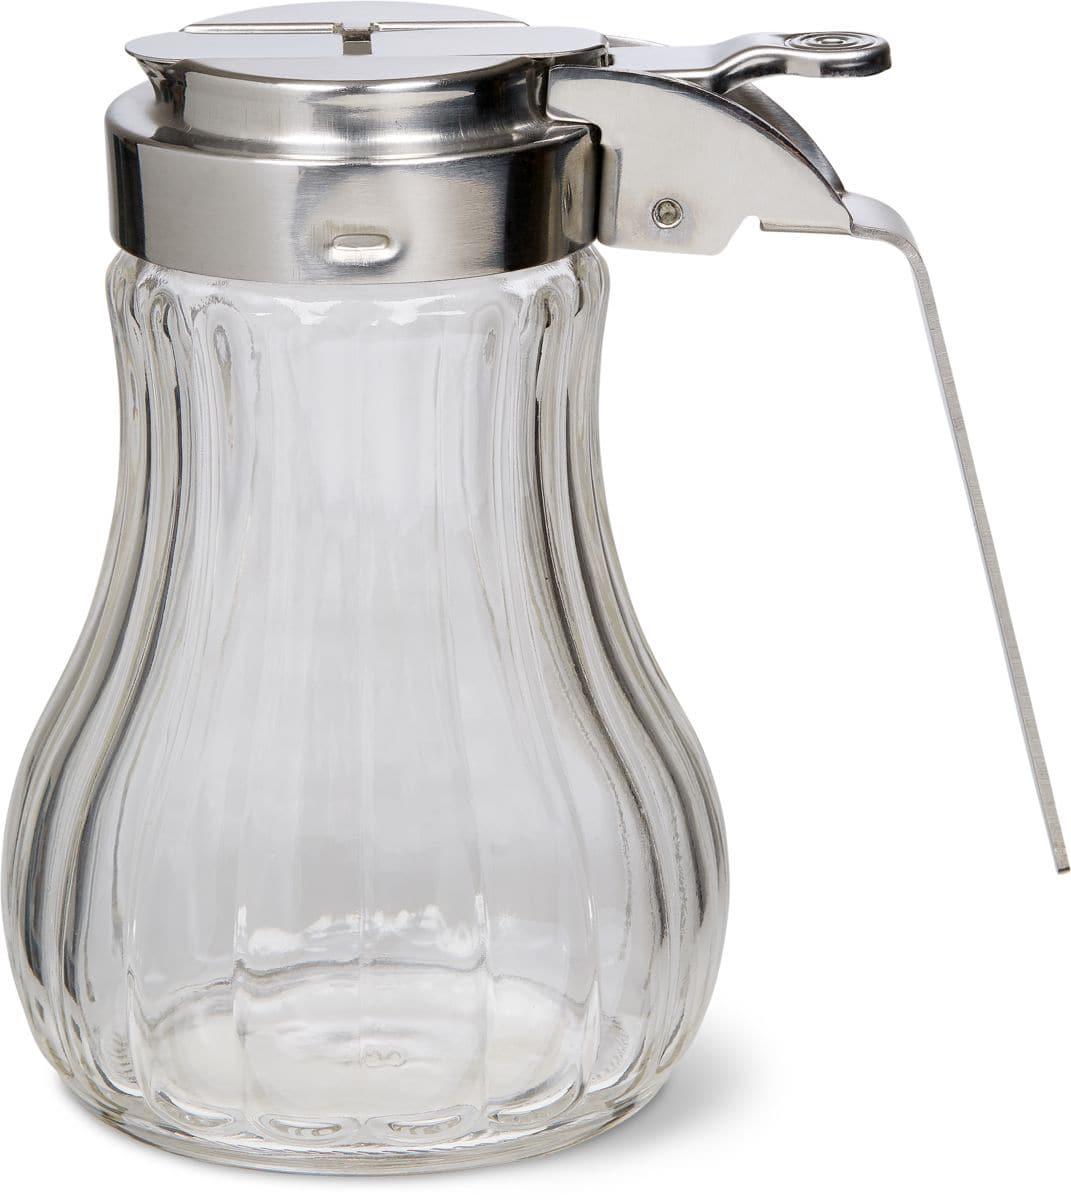 Cucina & Tavola Distributeur pour sirop 230ml